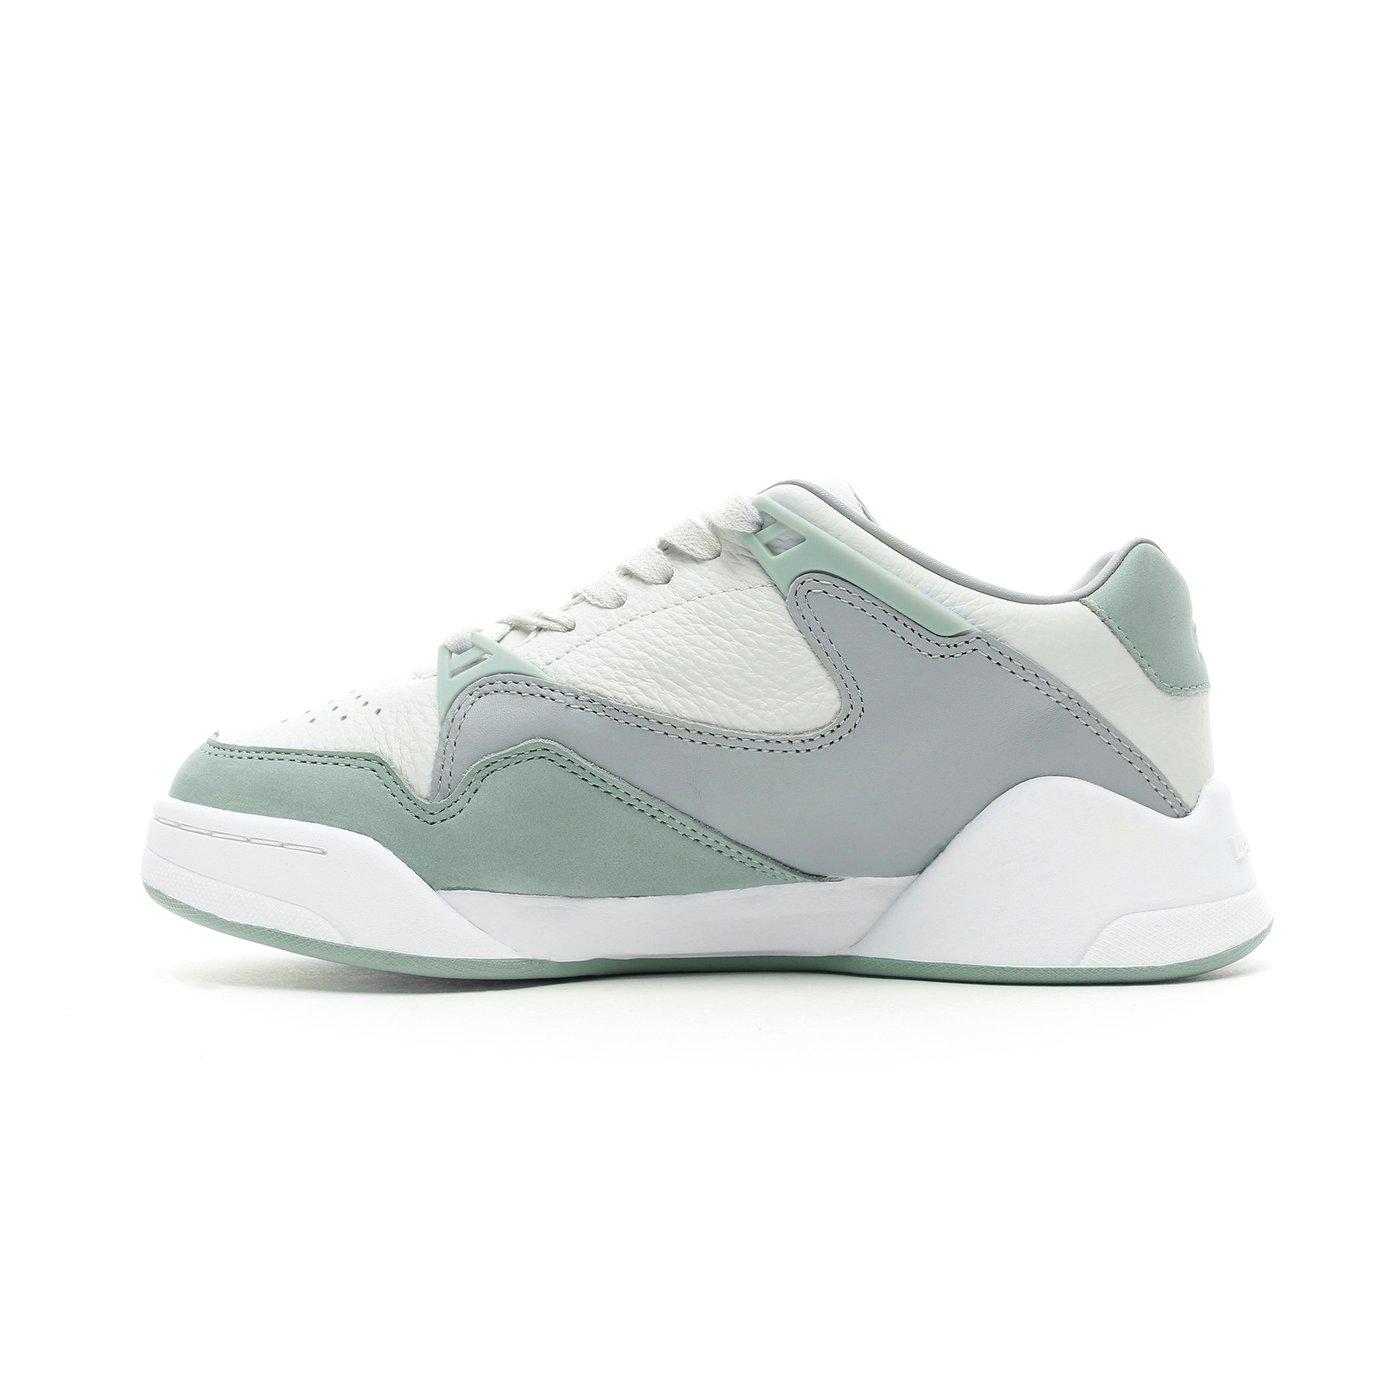 Lacoste Court Slam 219 1 Kadın Yeşil Spor Ayakkabı